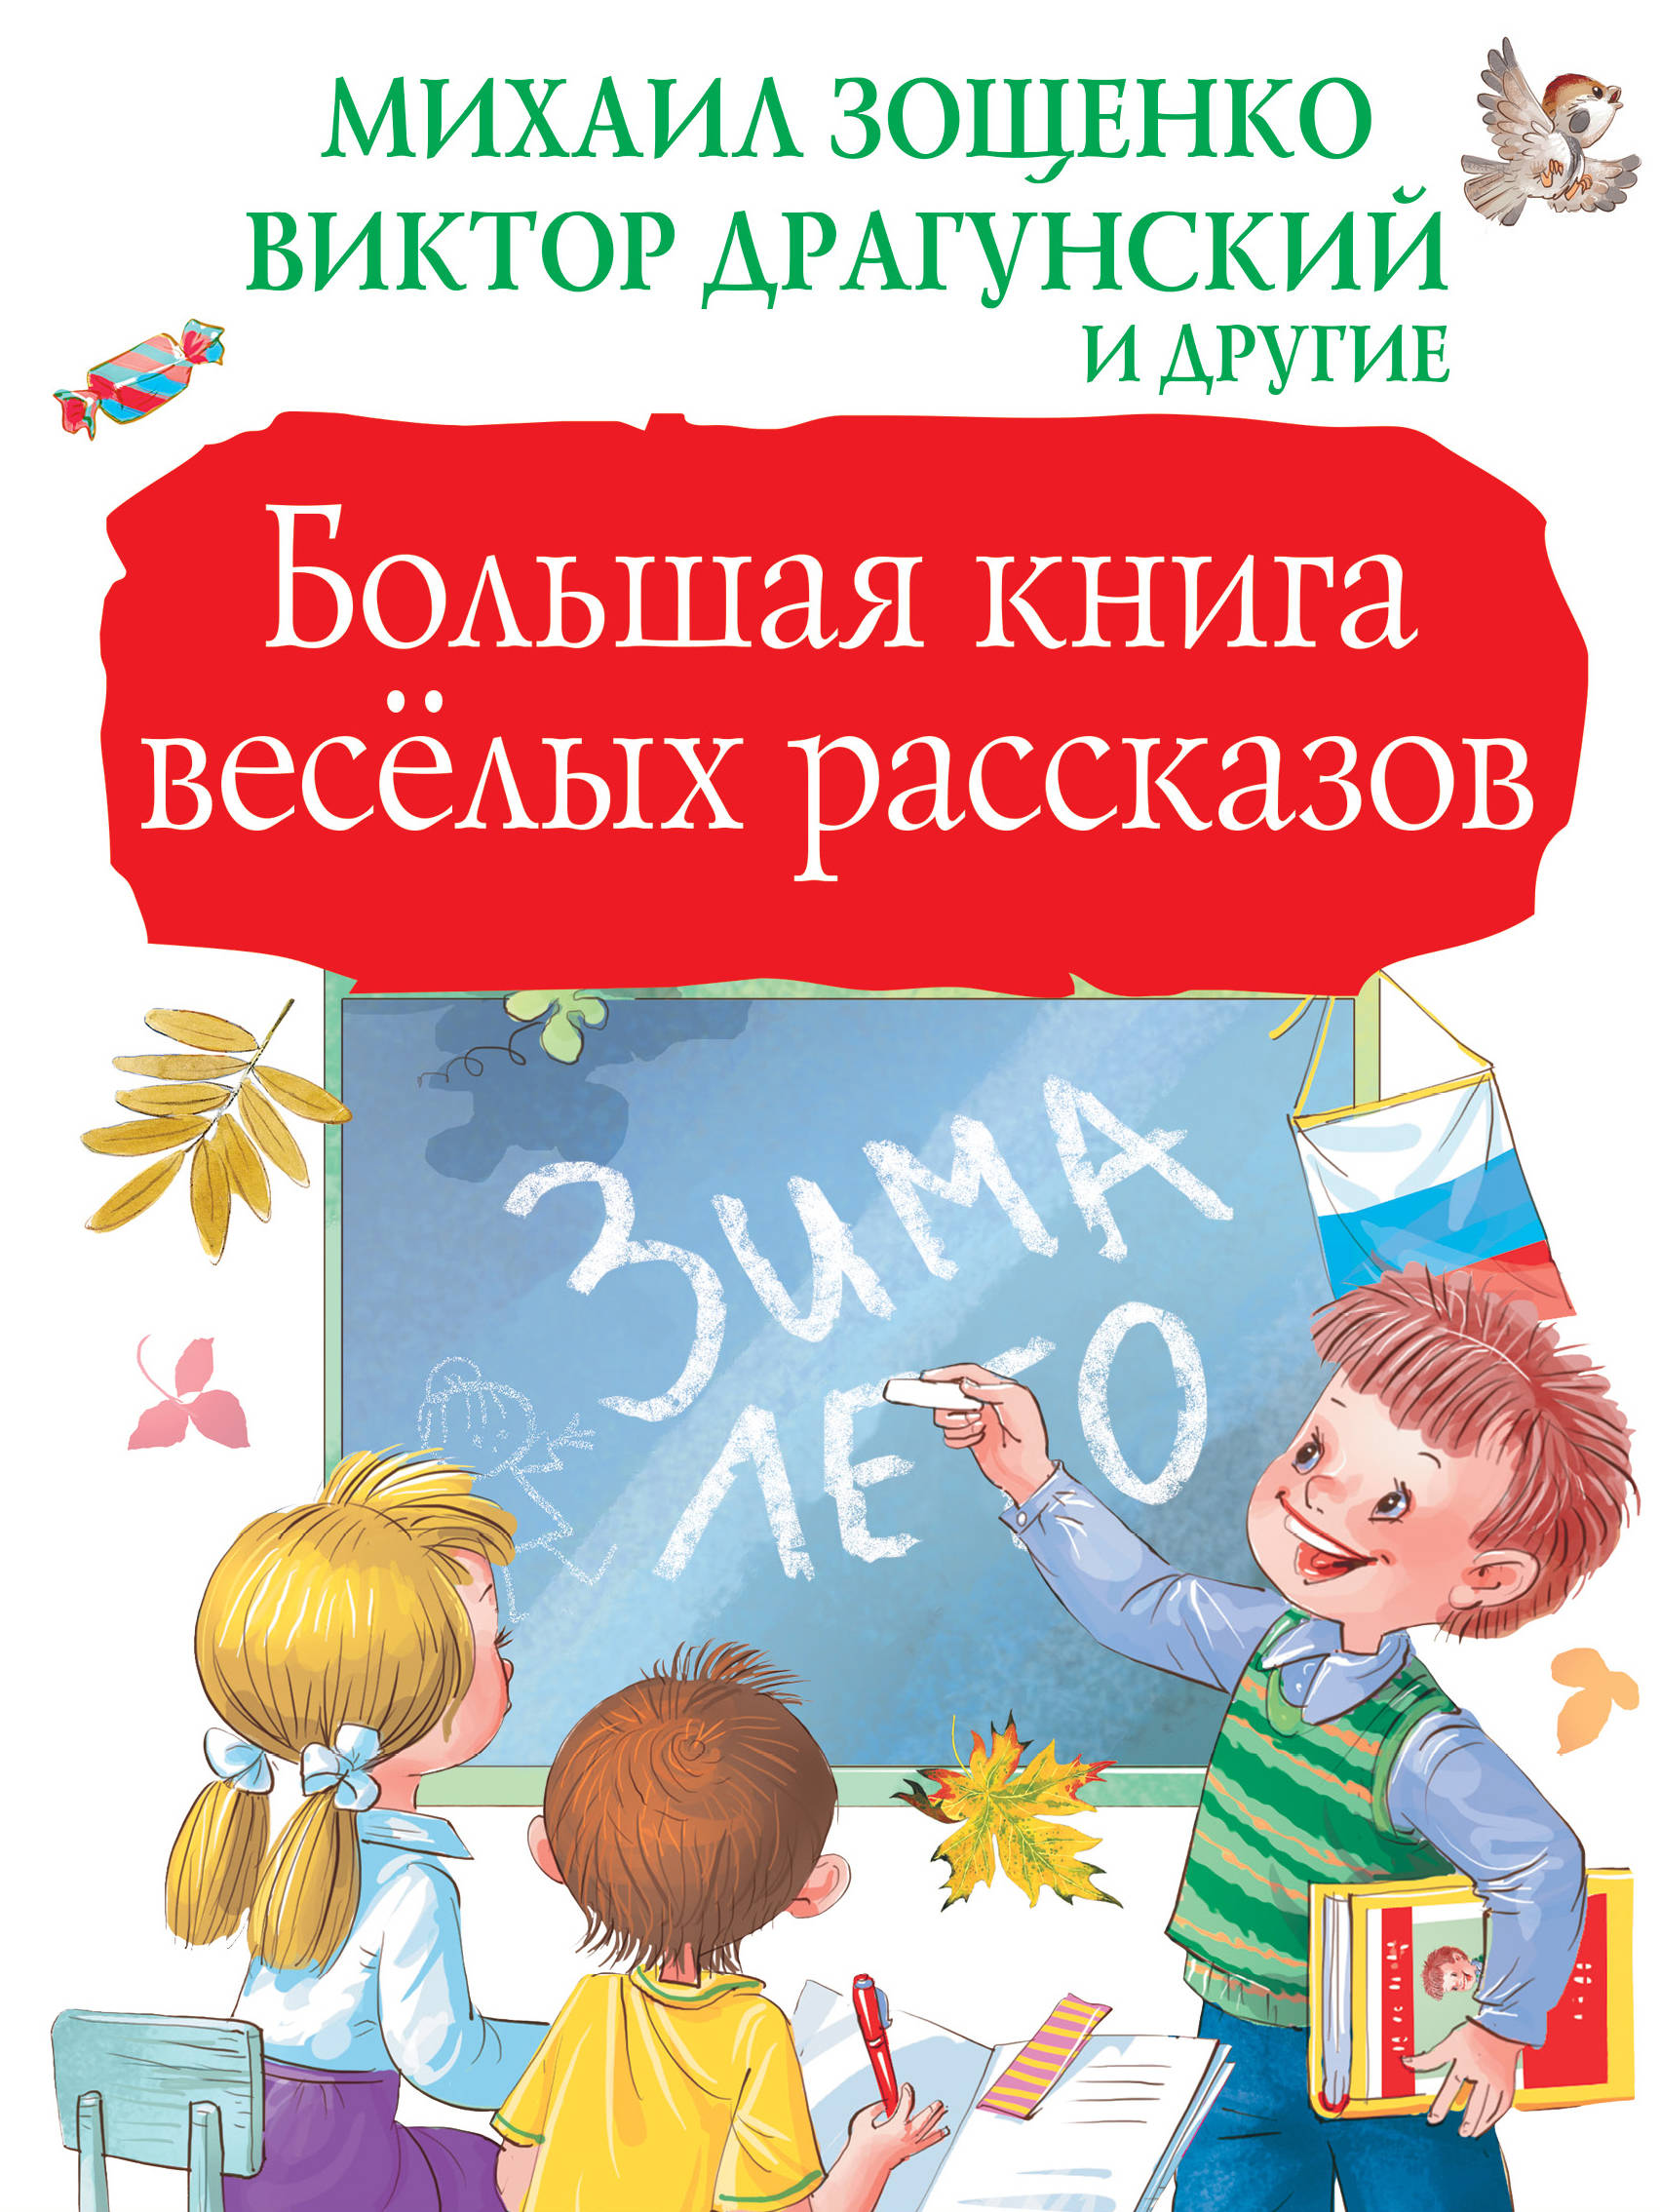 Большая книга весёлых рассказов, Зощенко Михаил Михайлович